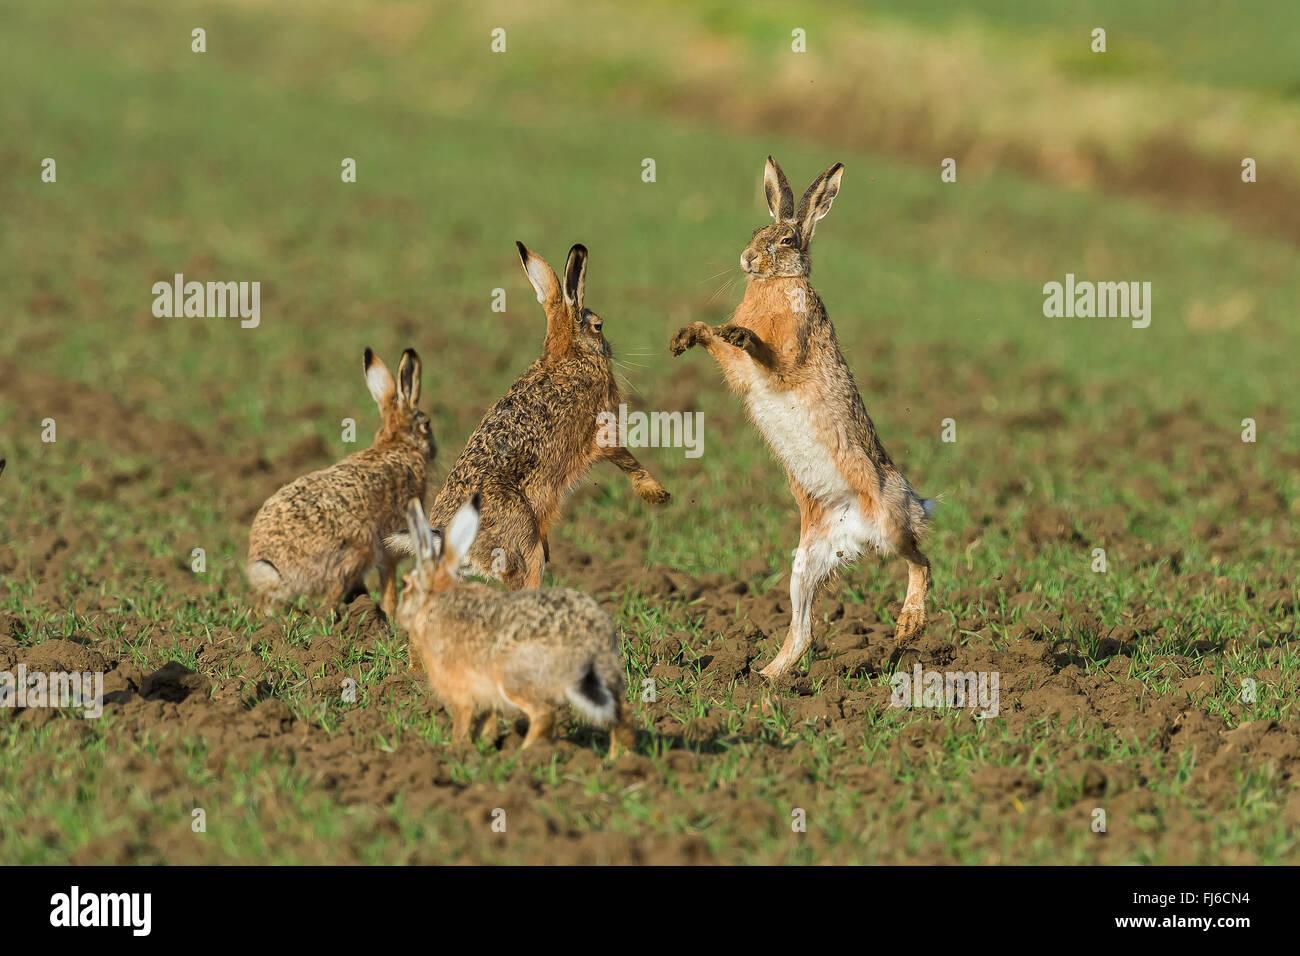 Lièvre européen, lièvre Brun (Lepus europaeus), les hommes en lutte pendant la période de reproduction, l'Autriche, Banque D'Images